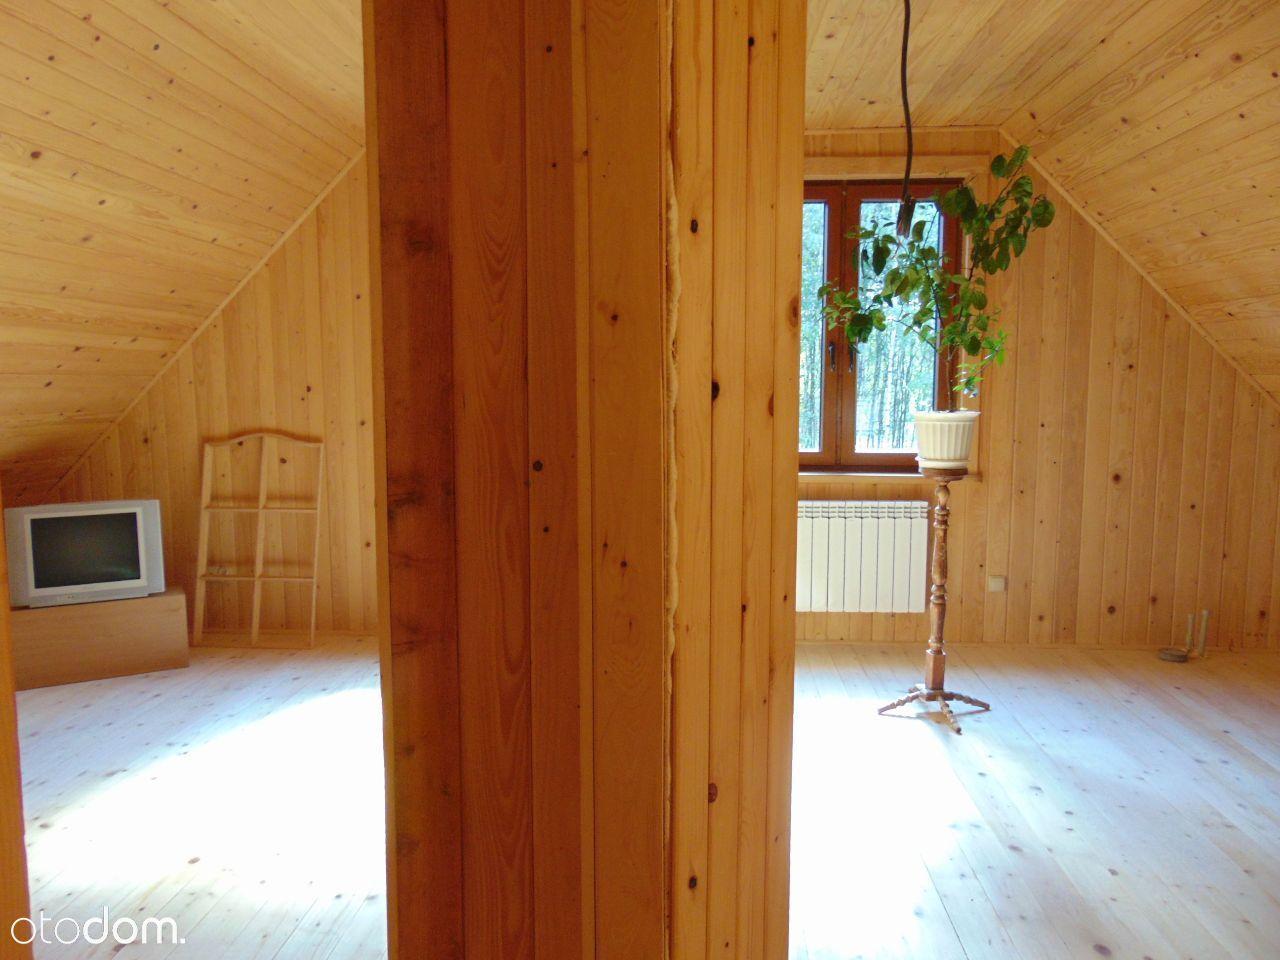 Dom na sprzedaż, Maleniska, leżajski, podkarpackie - Foto 4